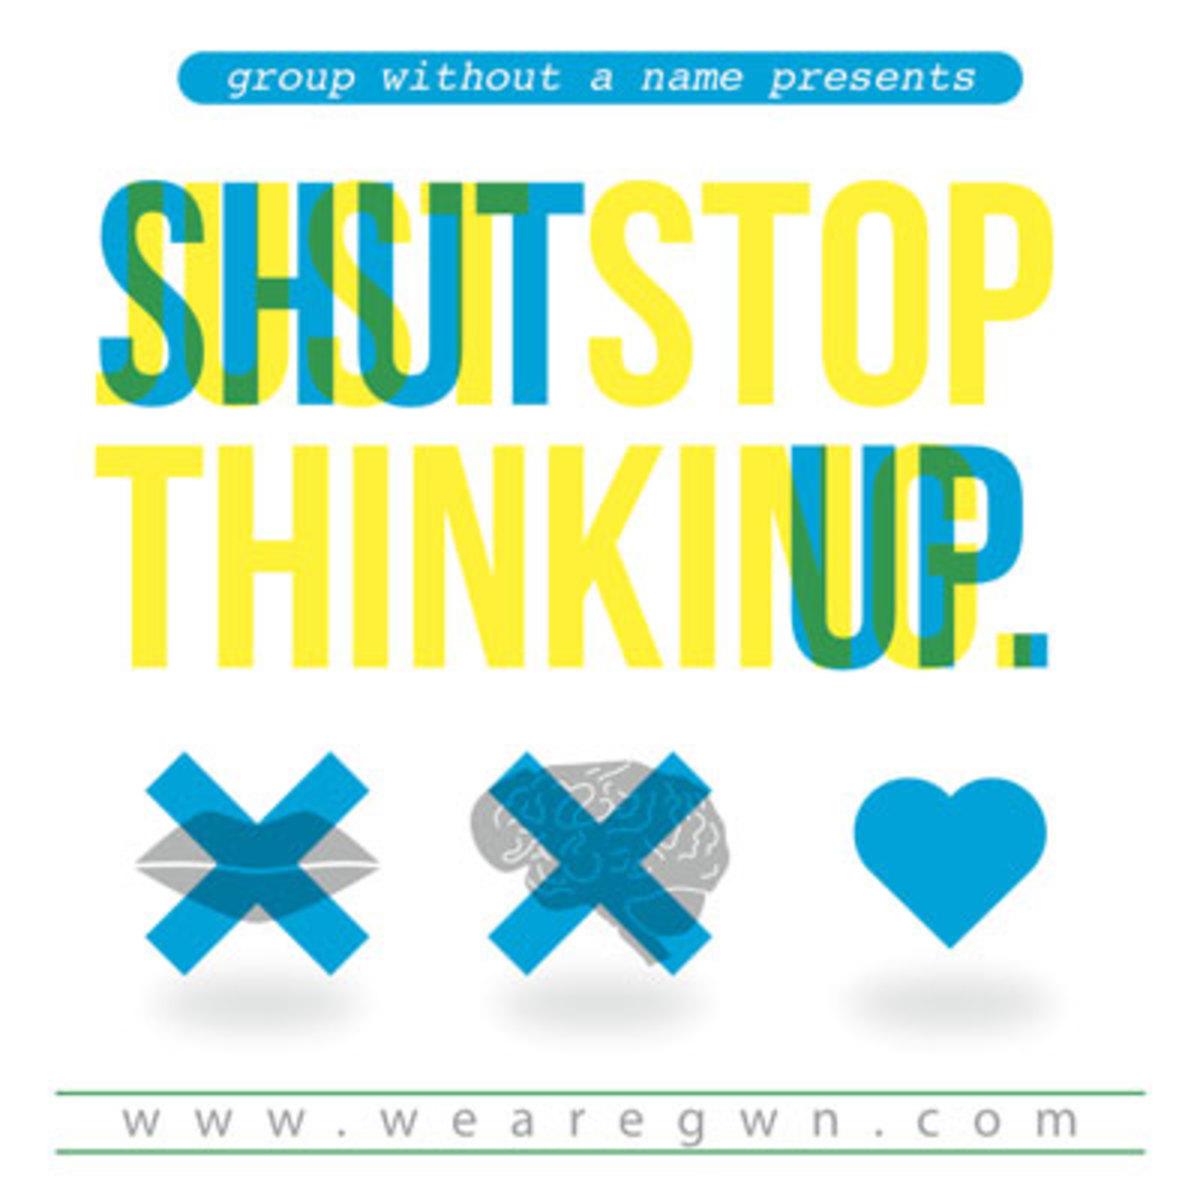 gwn-shutup.jpg